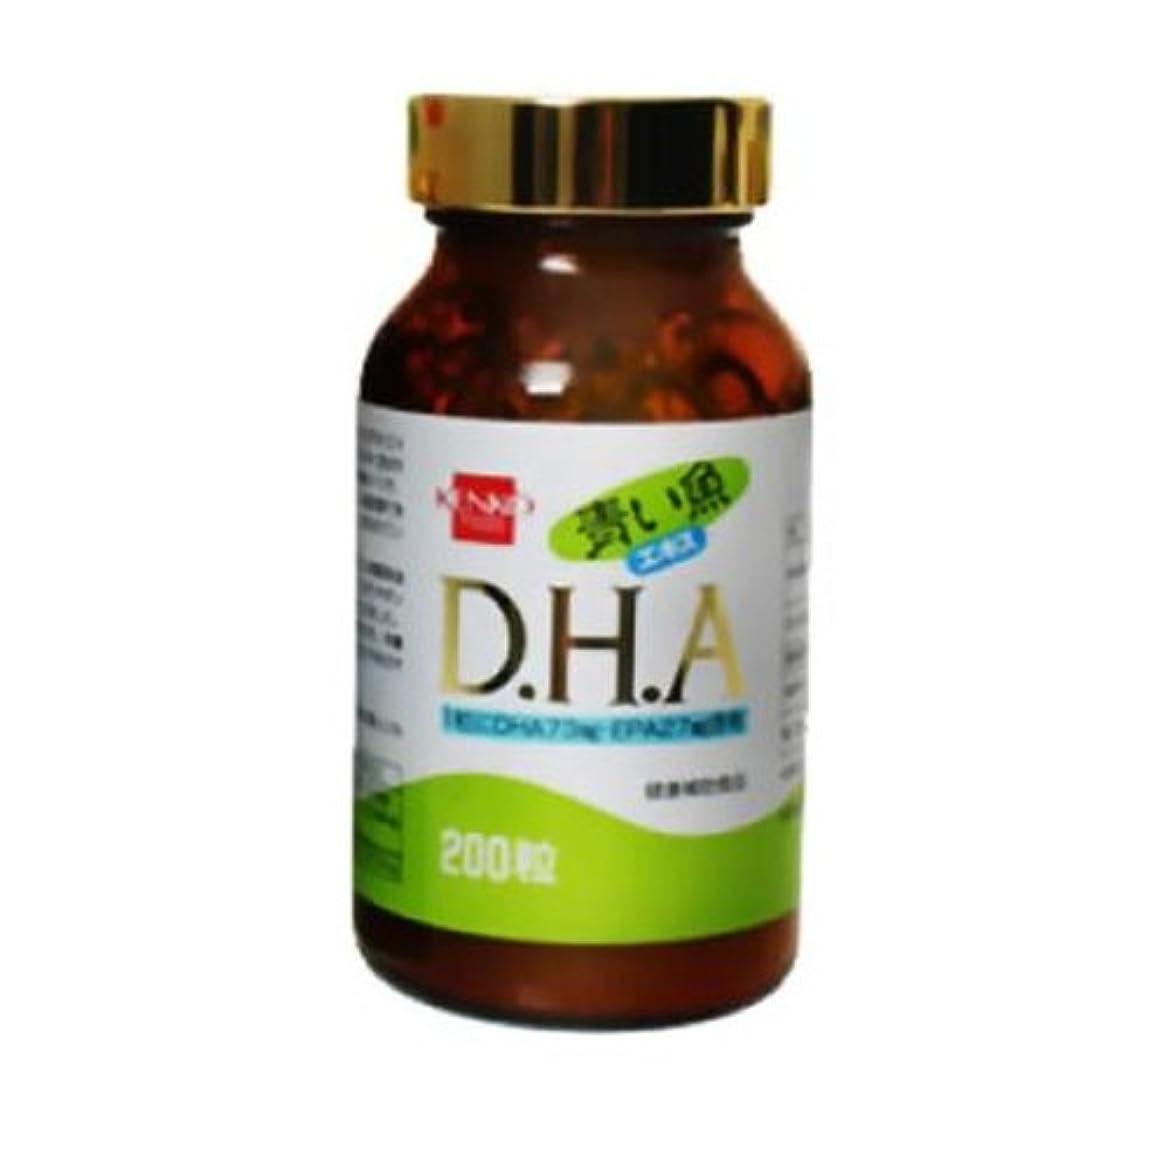 青い魚エキス DHA EPA 200粒